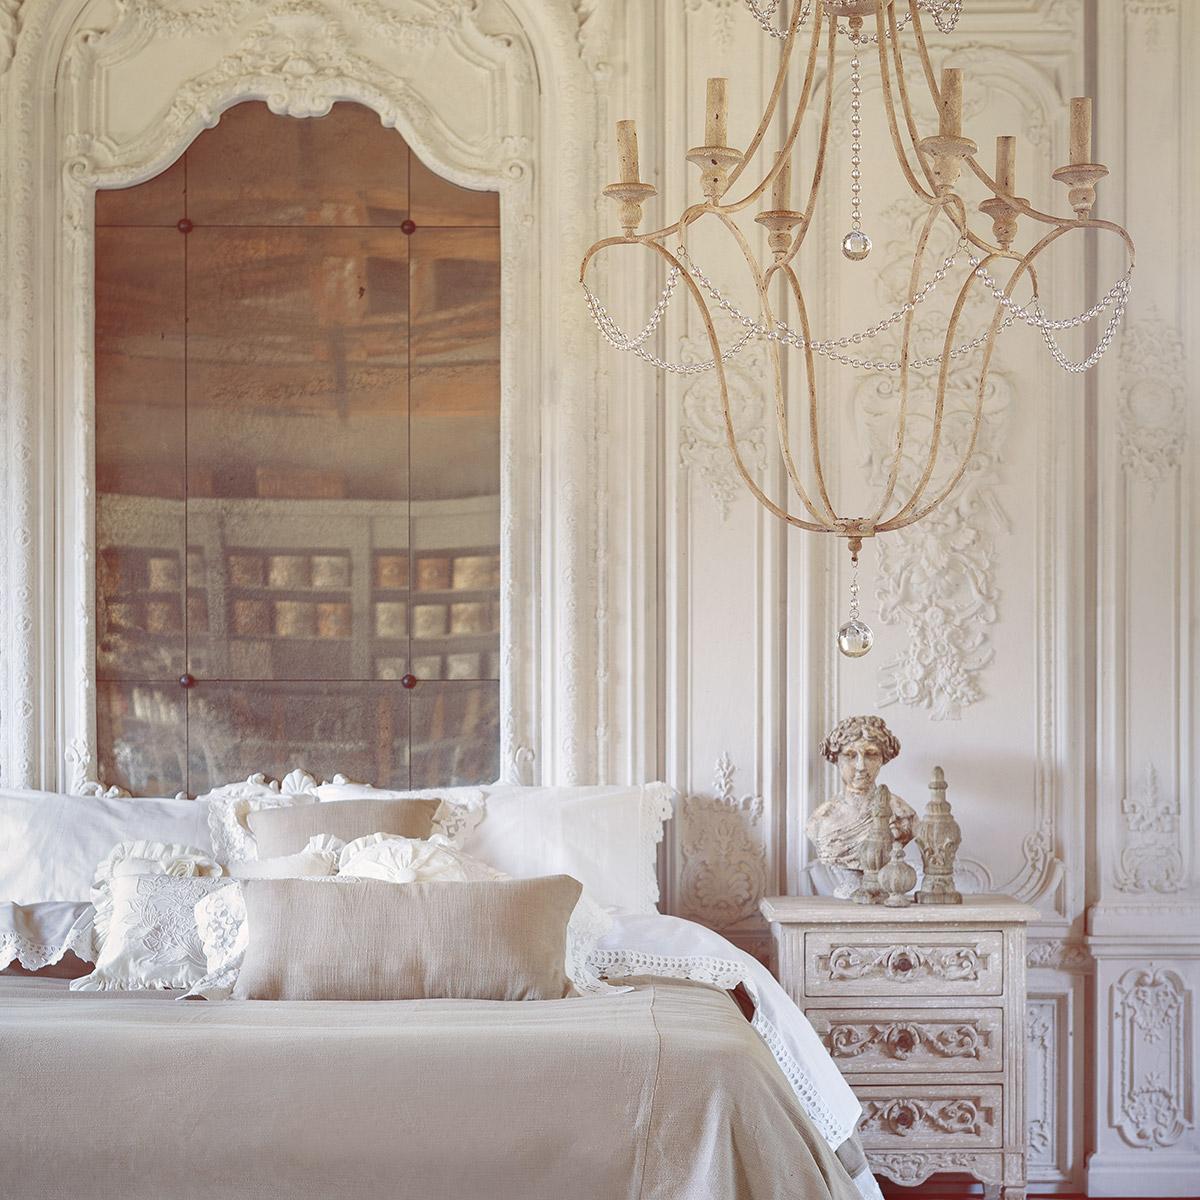 Blanc MariClo' Decorazione pareti - Blog